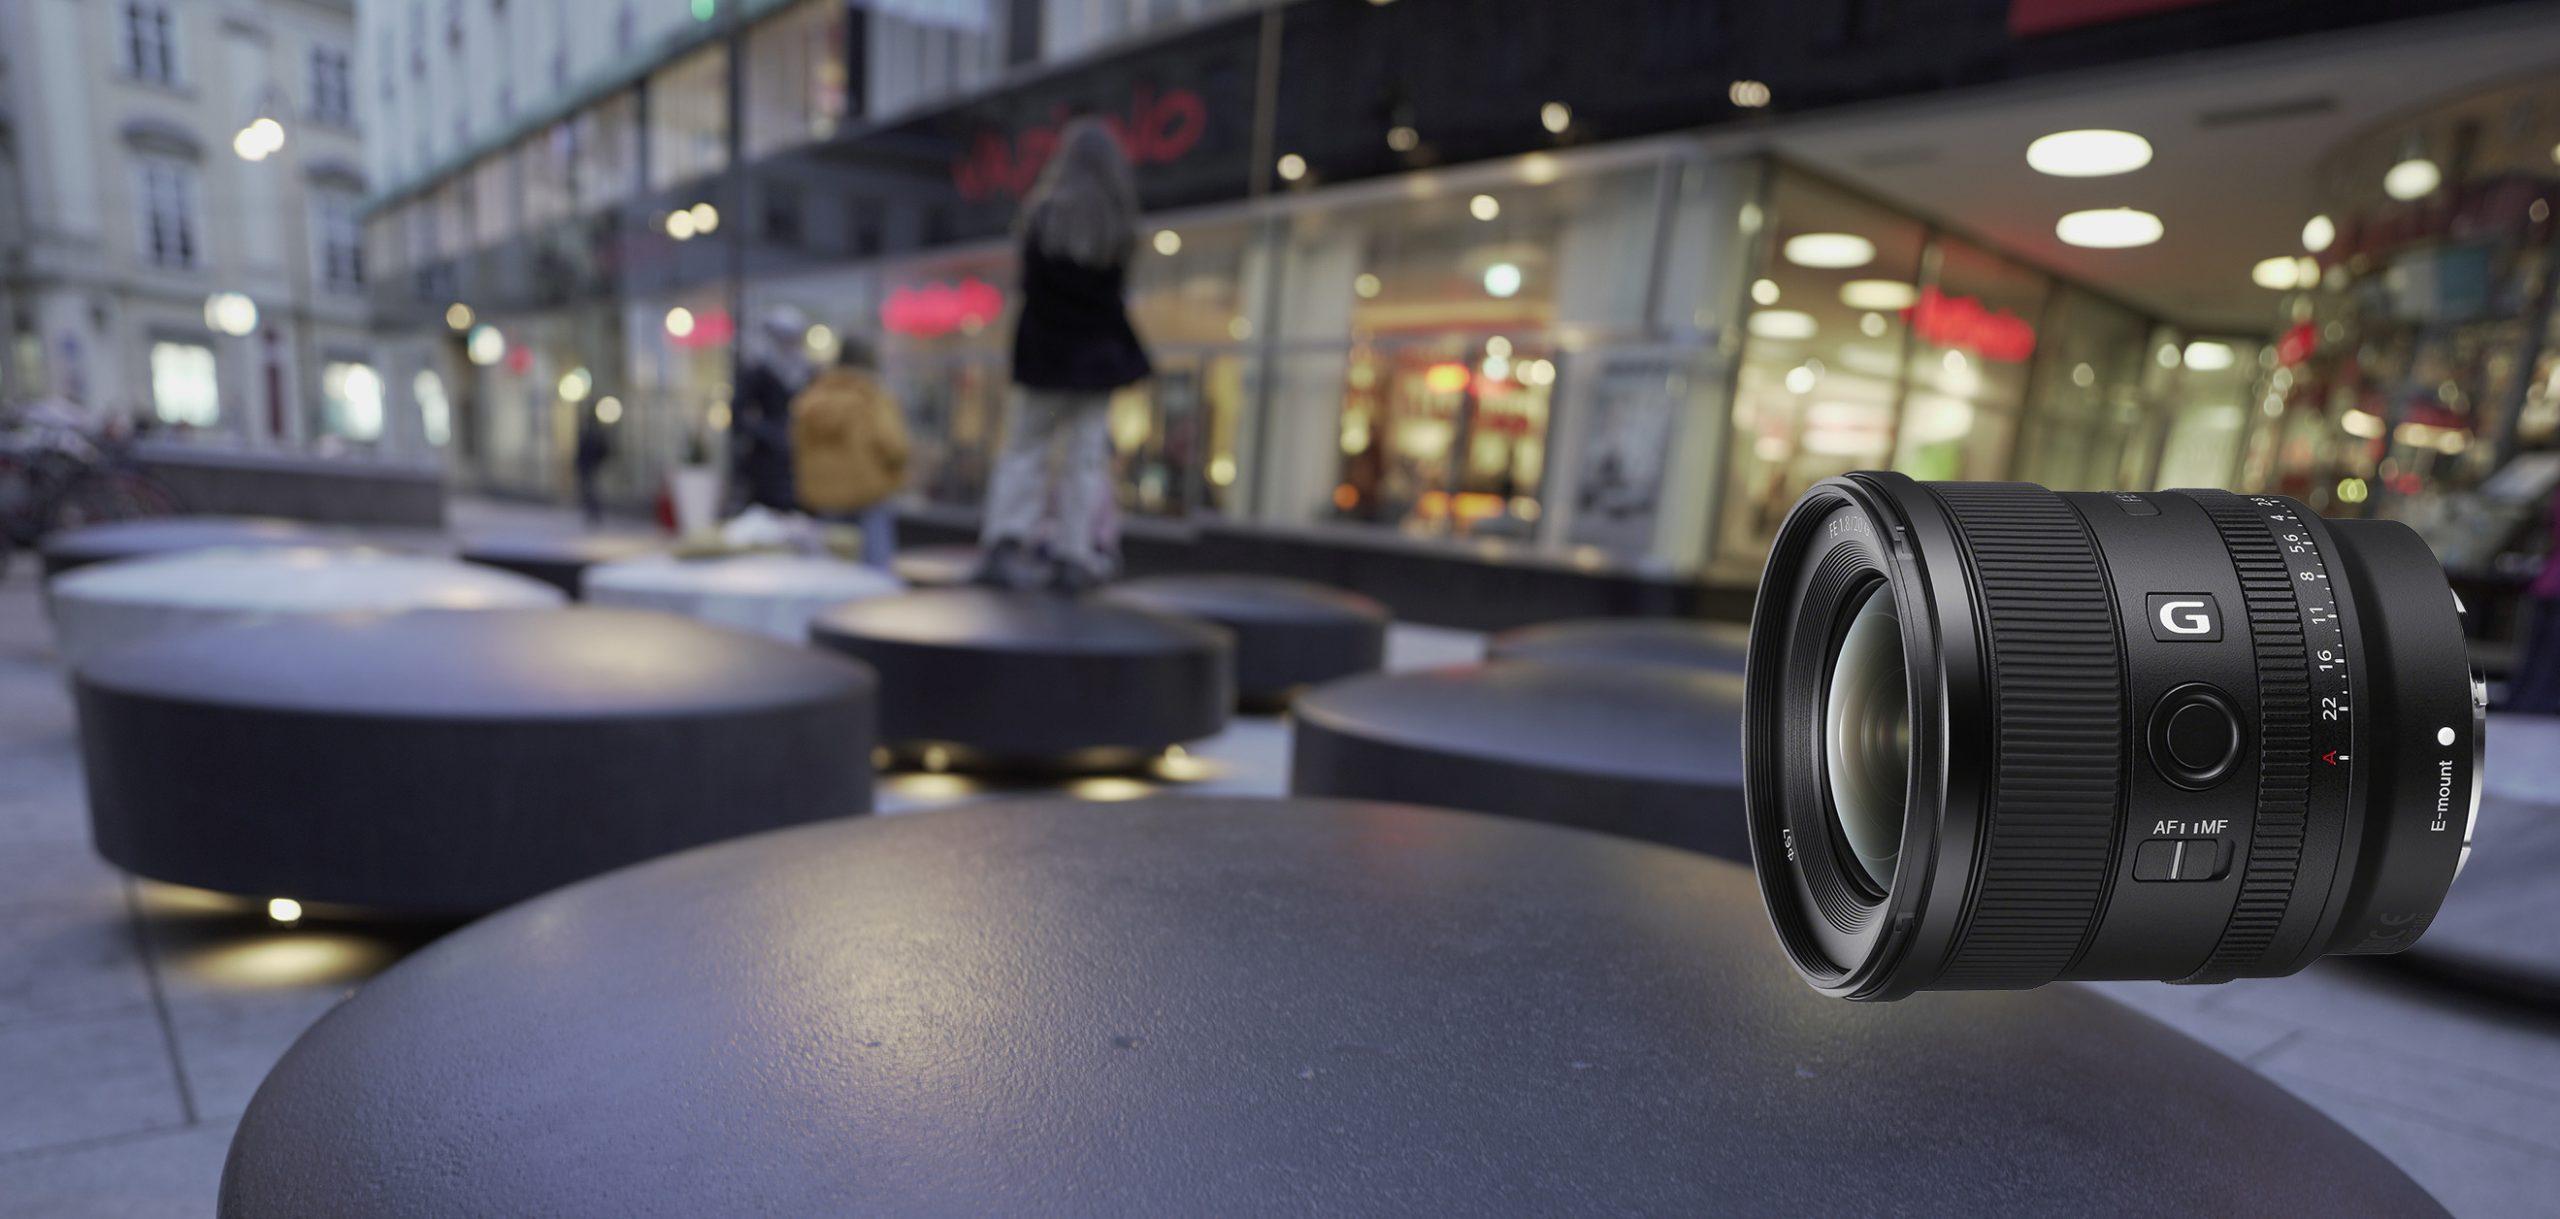 Das Sony FE 20 mm F1.8 G ist ein lichtstarkes E-Mount-Vollformatobjektiv mit einemsehr schönen Bokeh.